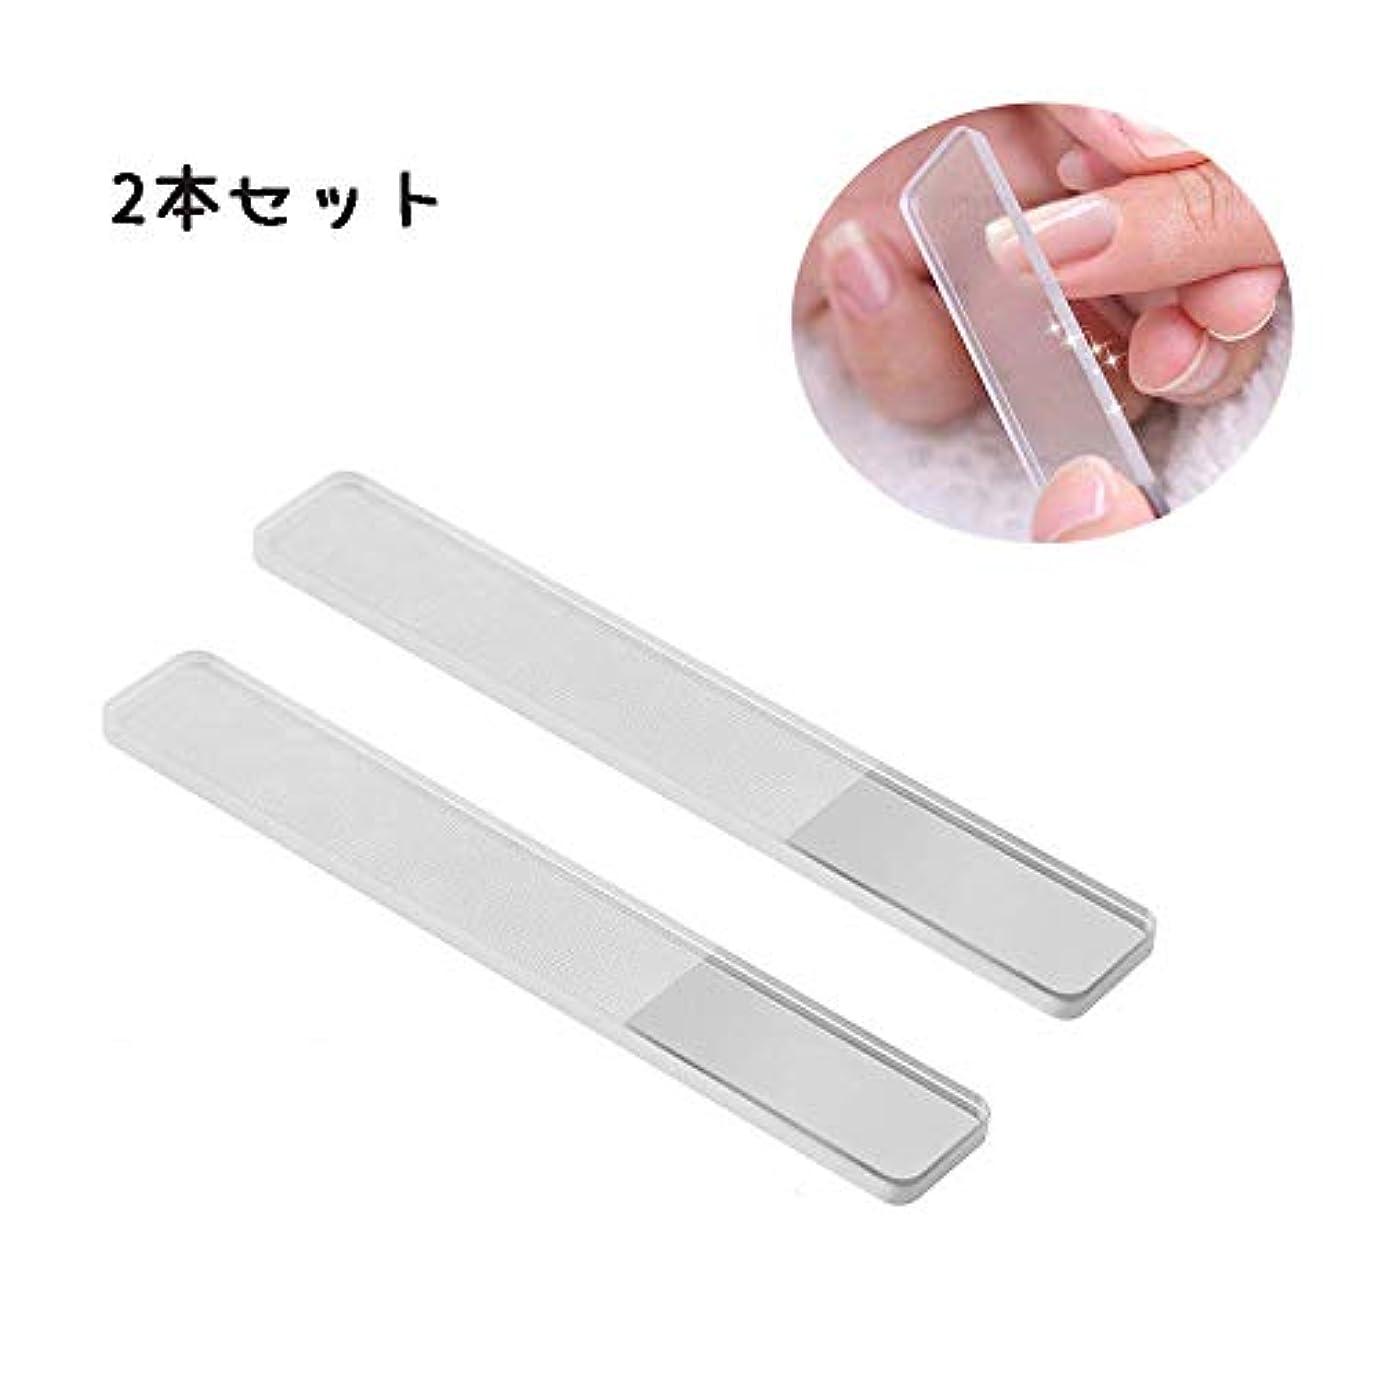 メダルすべき宿る爪やすり ガラス 爪磨き ガラス製 ネイルシャイナー ピカピカ ネイルケア ナノ技術が生んだ全く新しい 甘皮処理 携帯便利 収納ケース付き 2本 セット (2pcs)